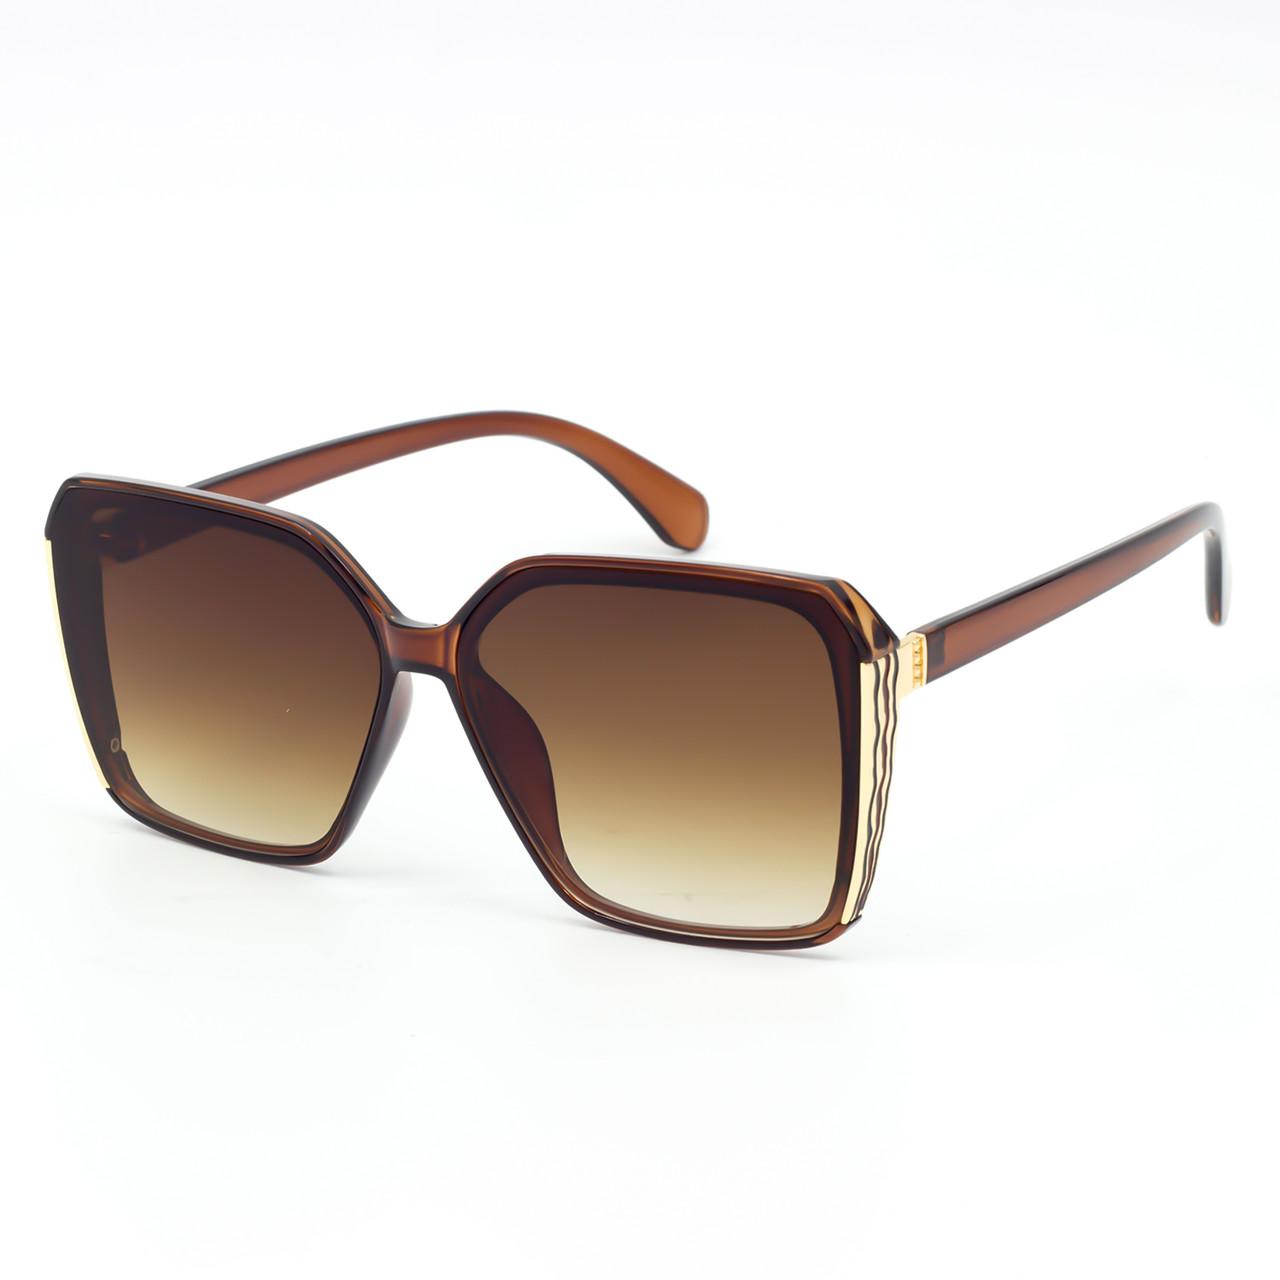 Солнцезащитные очки Marmilen 9135 C2 коричневые     ( KA9135-02 )